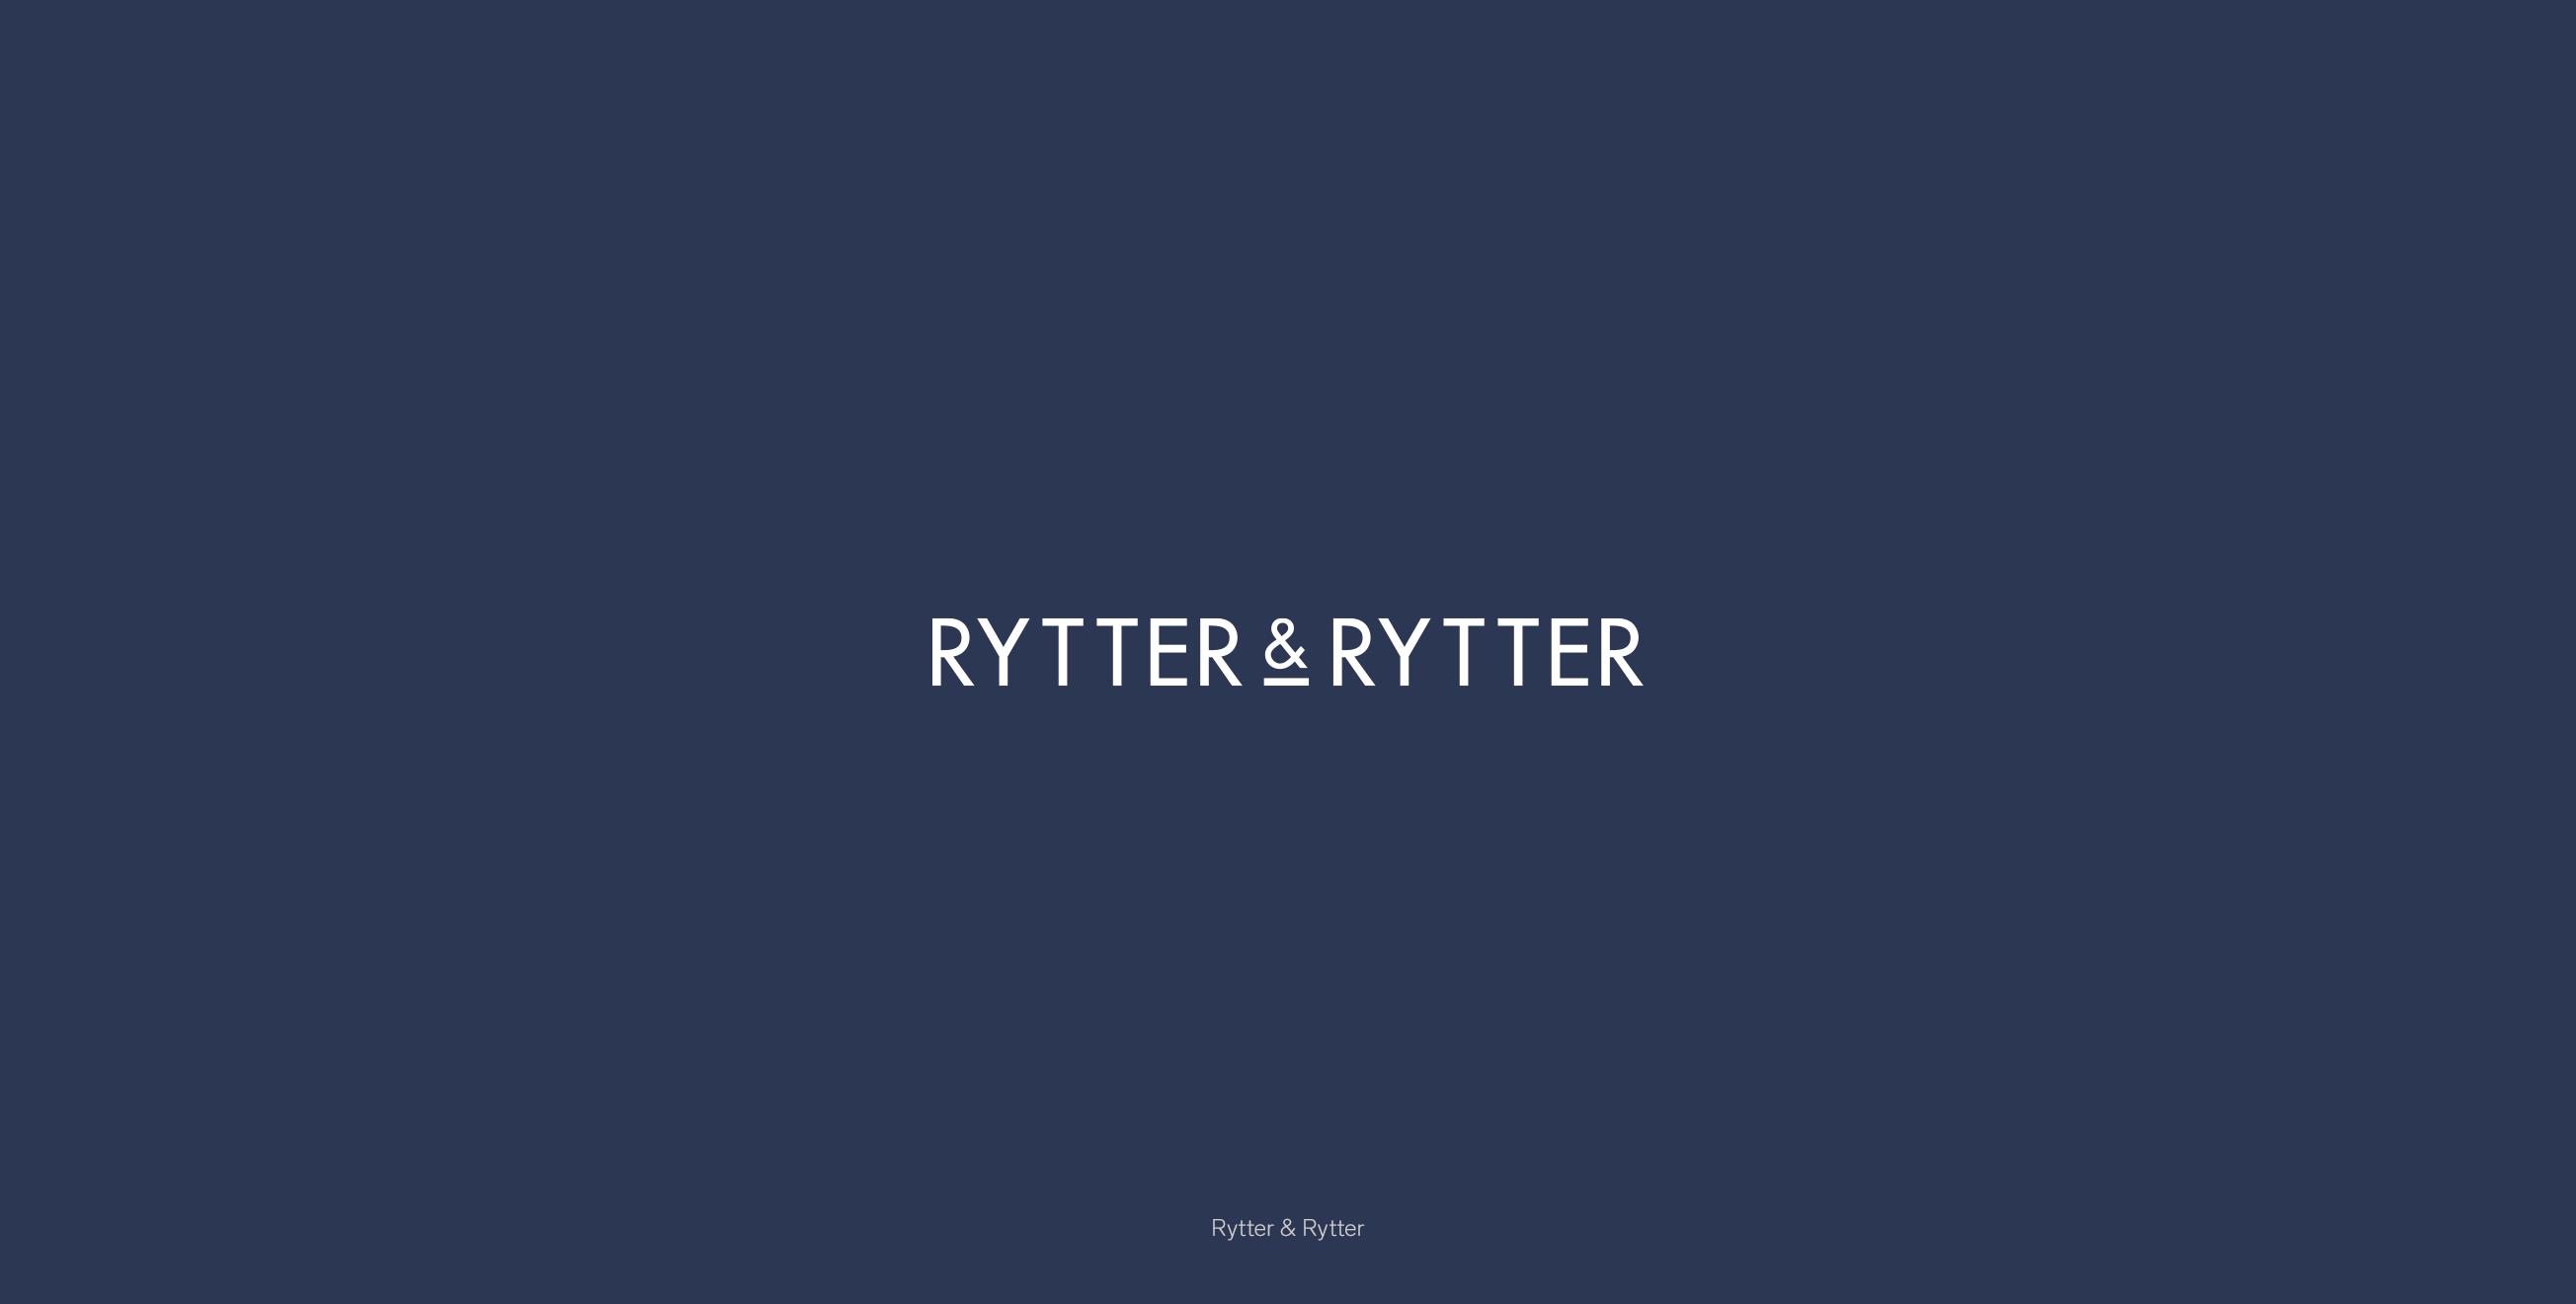 Logo — Rytter & Rytter